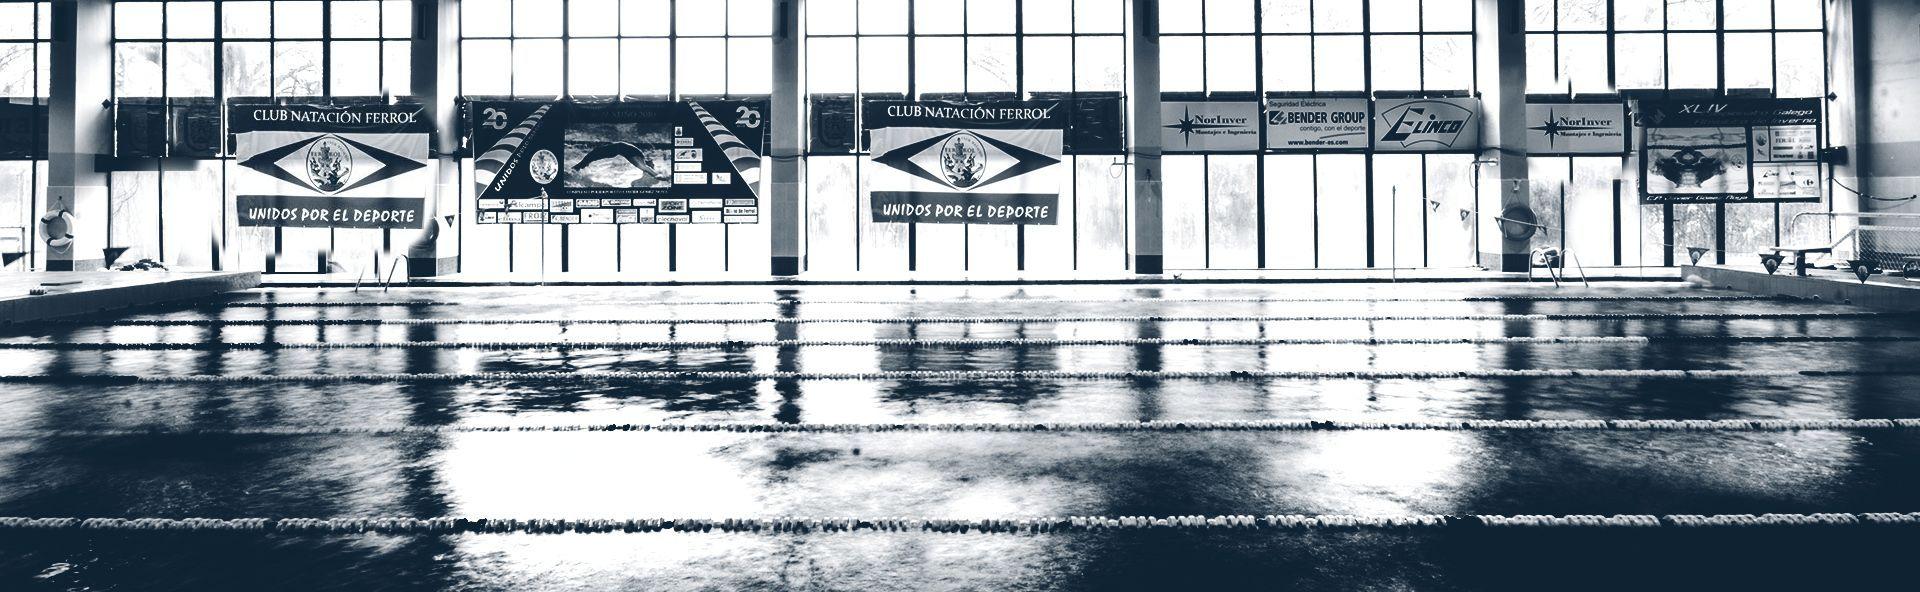 Escolas Deportivas de Natación